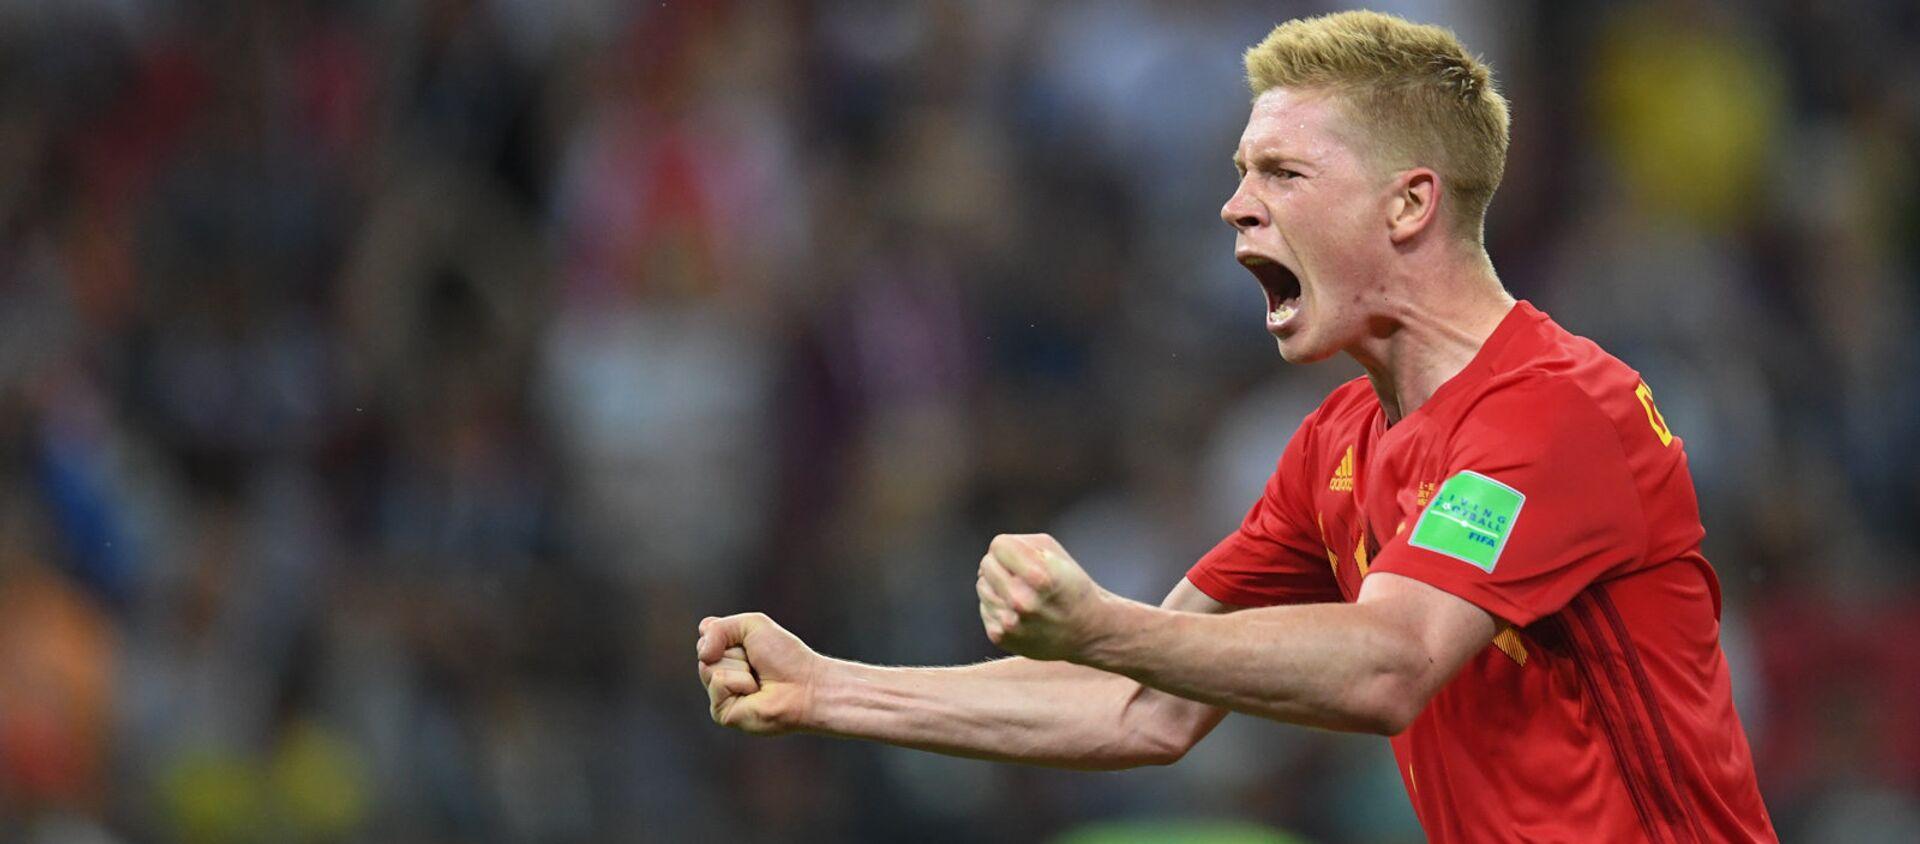 Tiền vệ Kevin De Bruyne của Bỉ ăn mừng bàn thắng trong trận tứ kết Brazil vs Bỉ (ngày 6 tháng 7 năm 2018). Kazan - Sputnik Việt Nam, 1920, 11.06.2021